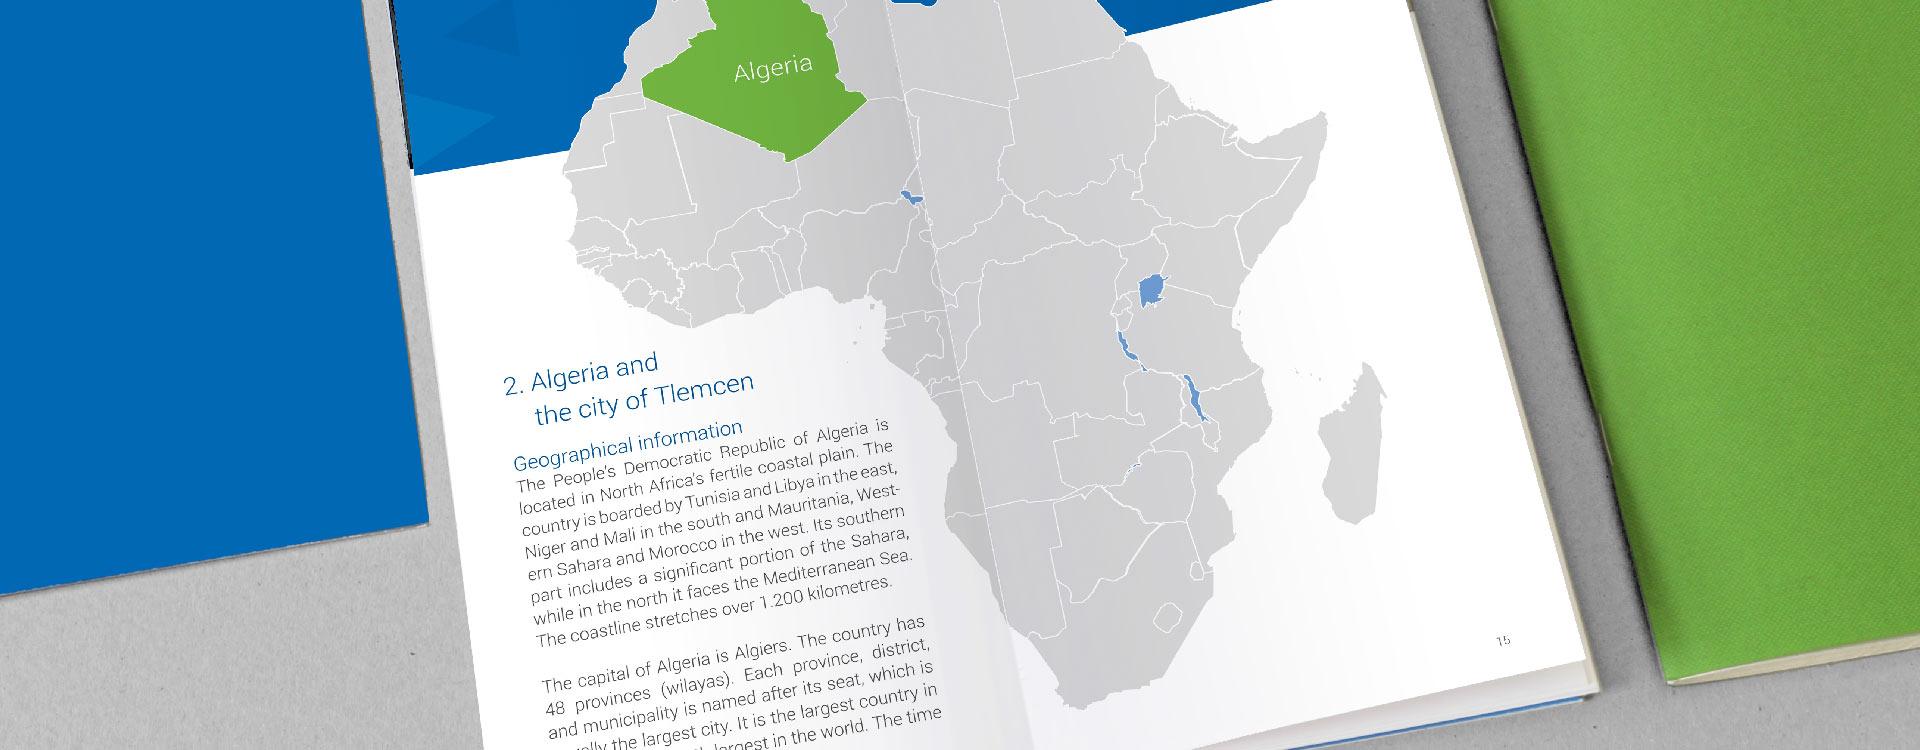 Innenseite vom Student Guide der Pan African University, Institute of Water and Energy Sciences PAUWES; Design: Kattrin Richter | Büro für Grafikdesign